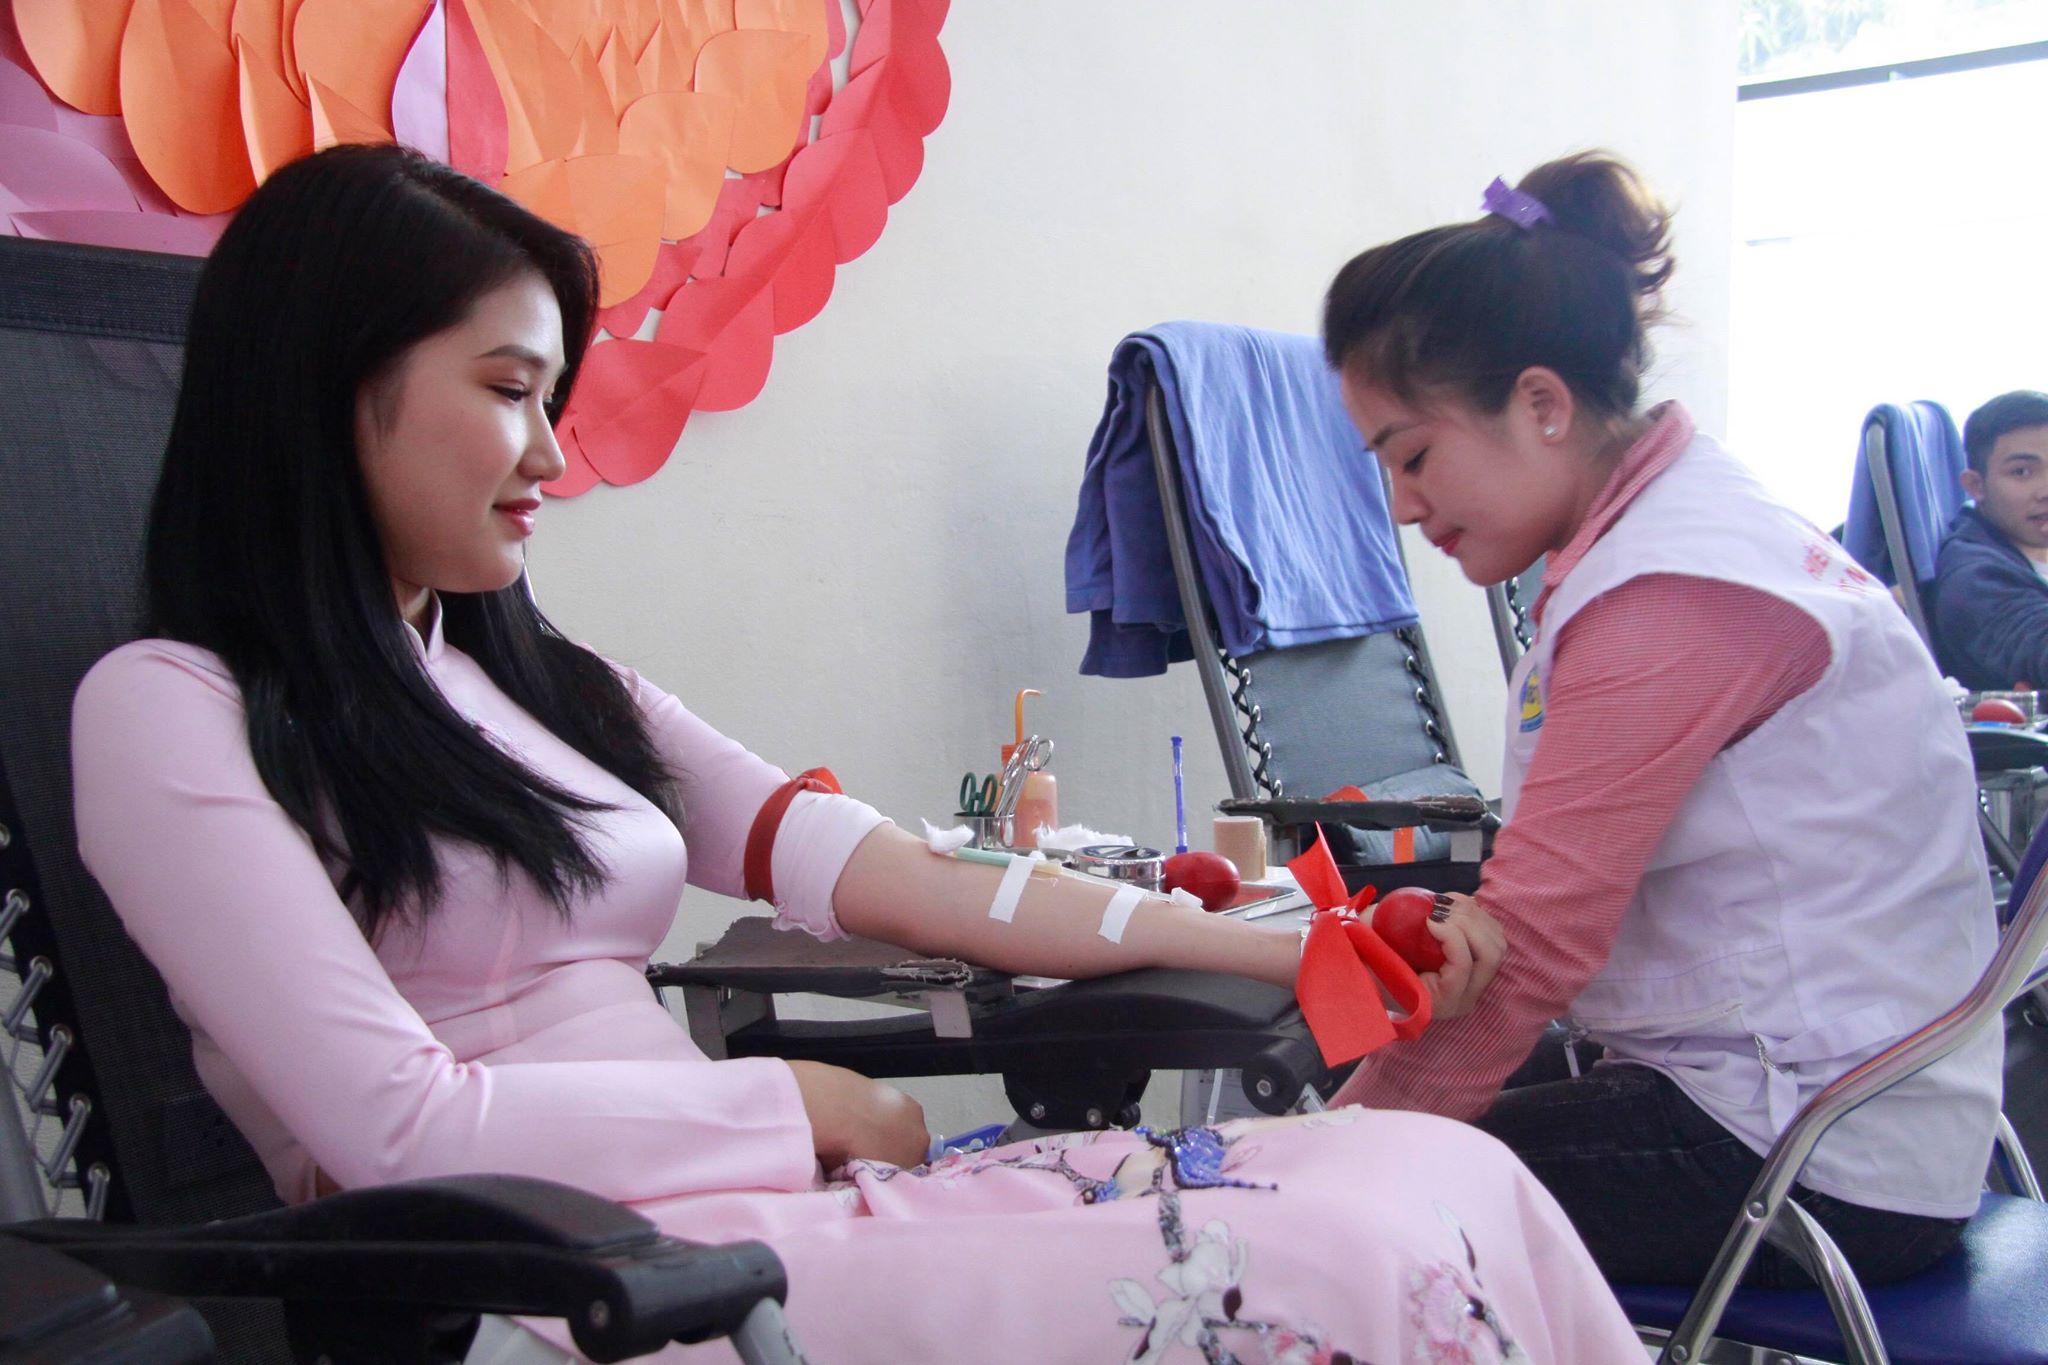 Chủ nhật Đỏ 2019: 37 tỉnh, thành sẽ tham gia hiến máu tình nguyện